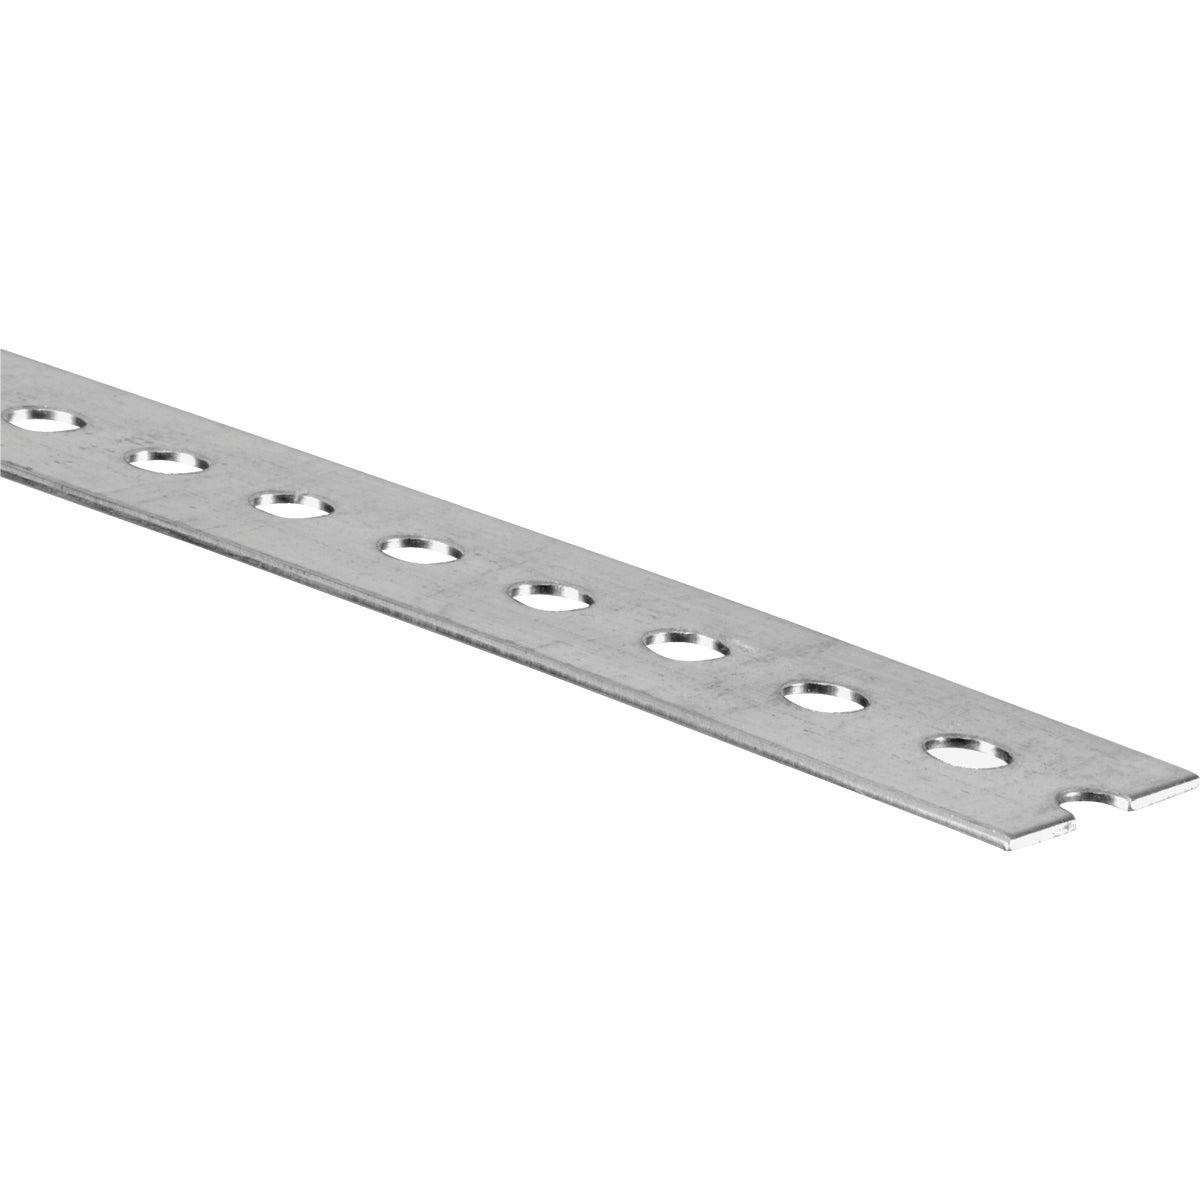 National Mfg. 1-3/8X6' SLTD FLAT PLATE N180141